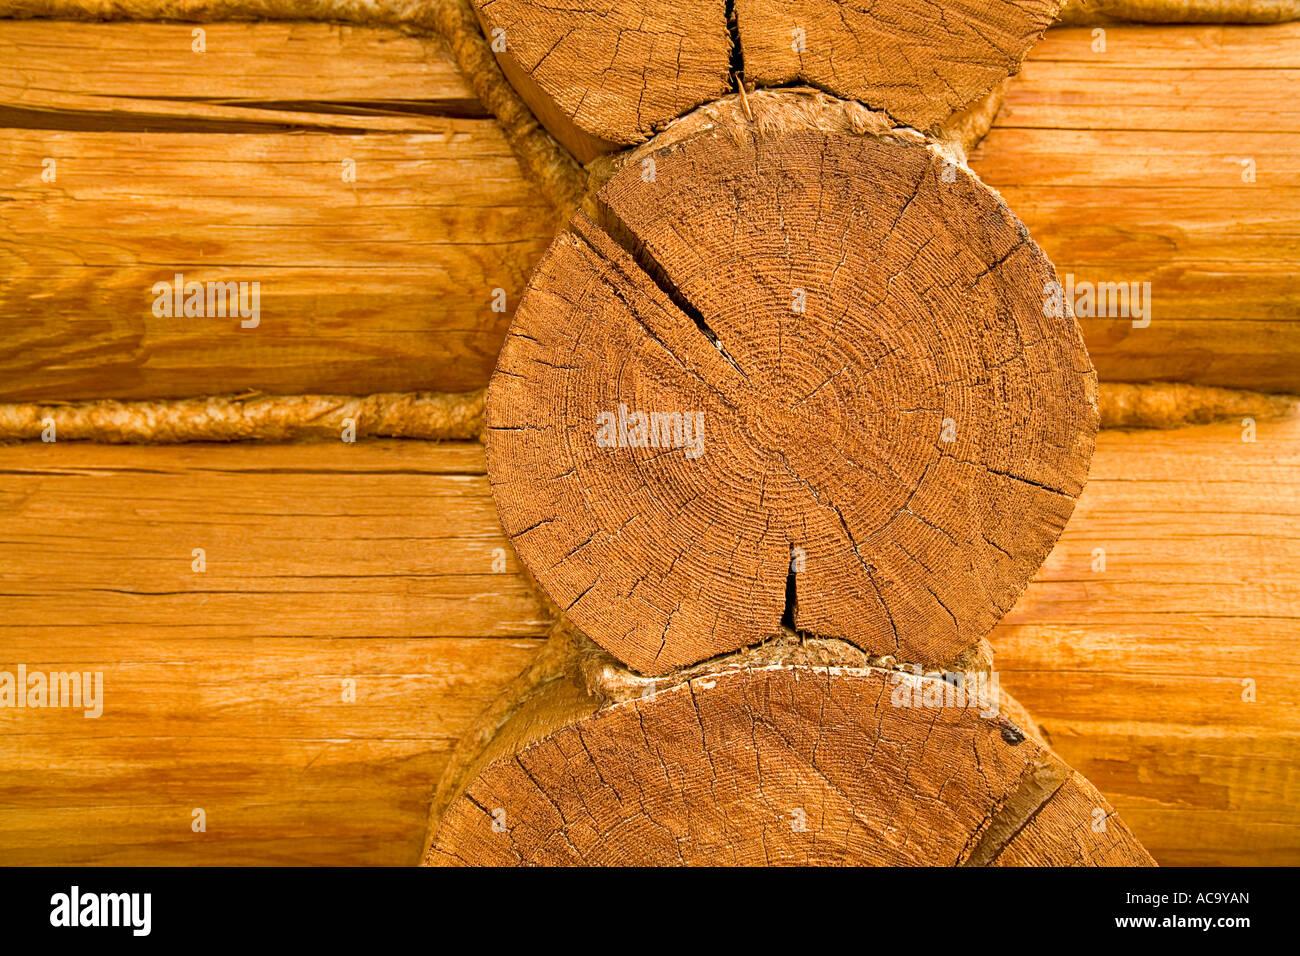 fugenmaterial stockfotos & fugenmaterial bilder - alamy